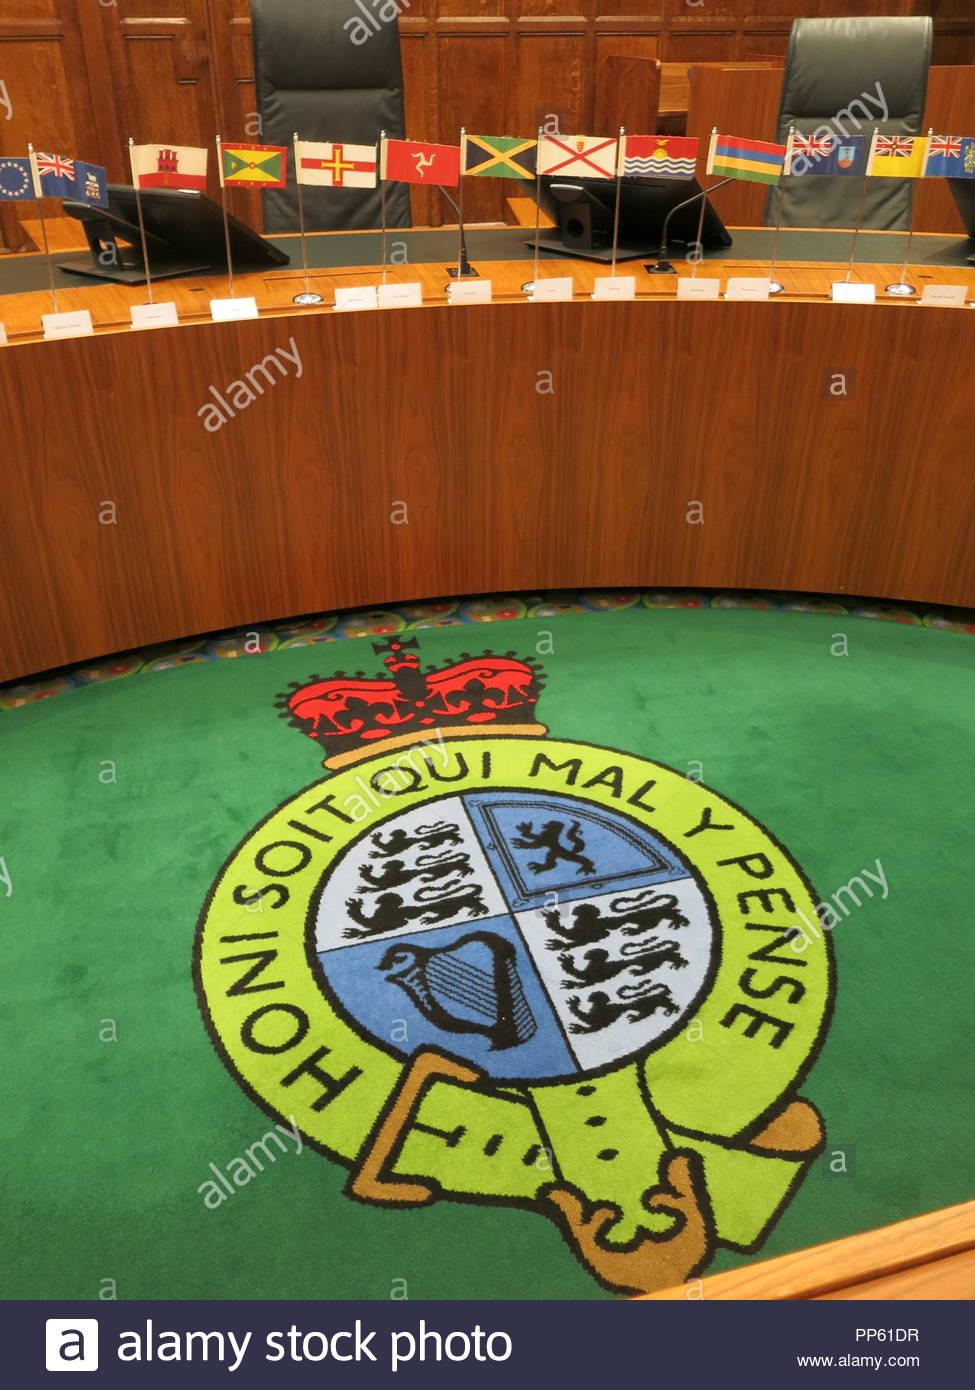 PP61DR tappeto in Aula 3 presso la Corte suprema la piazza del Parlamento Londrajpg